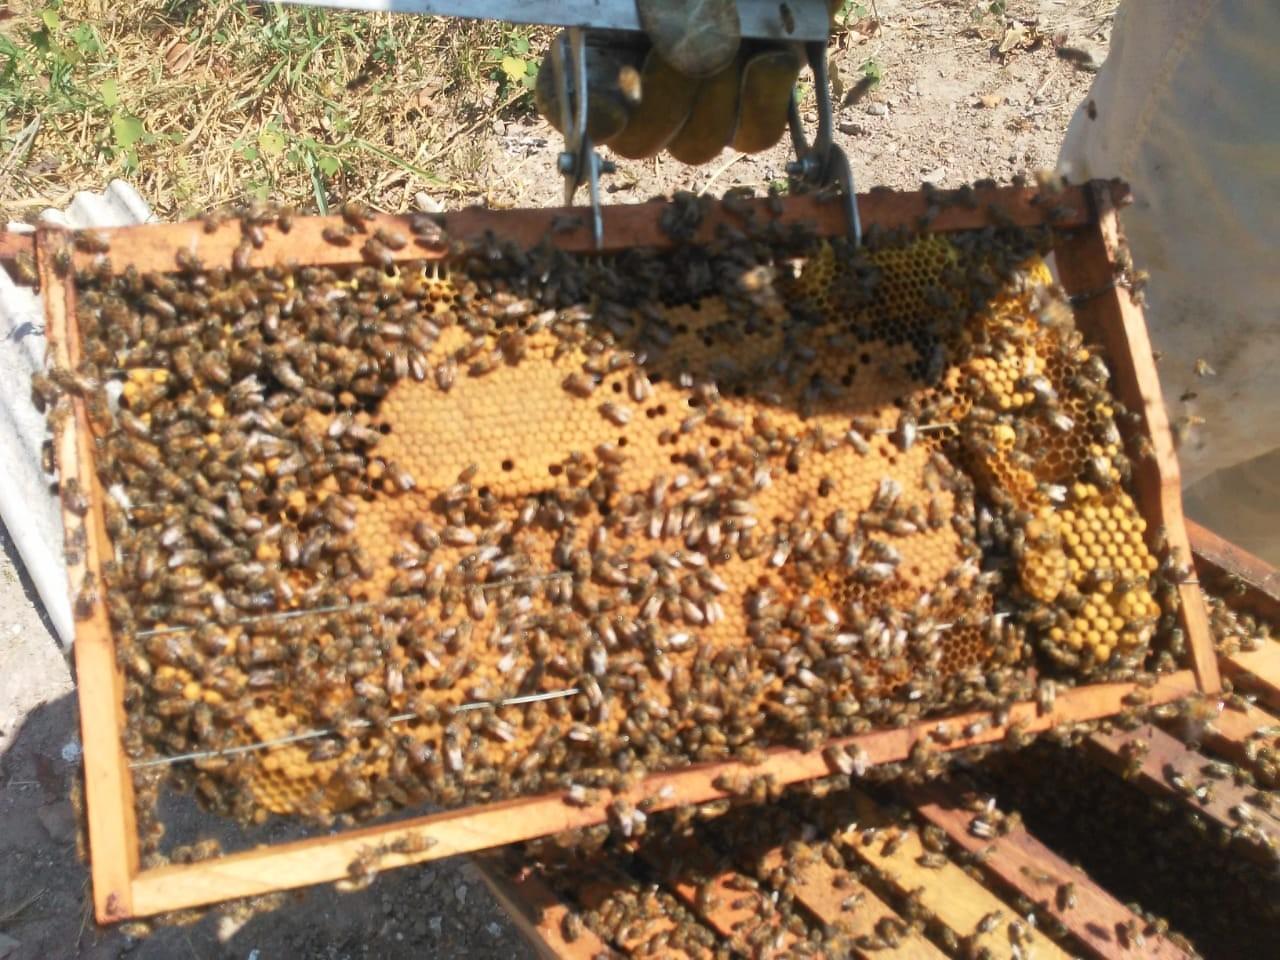 Abelhas em uma das caixas a serem utilizadas para a produção de mel (Foto: Saulo Thomas/ONF Brasil)